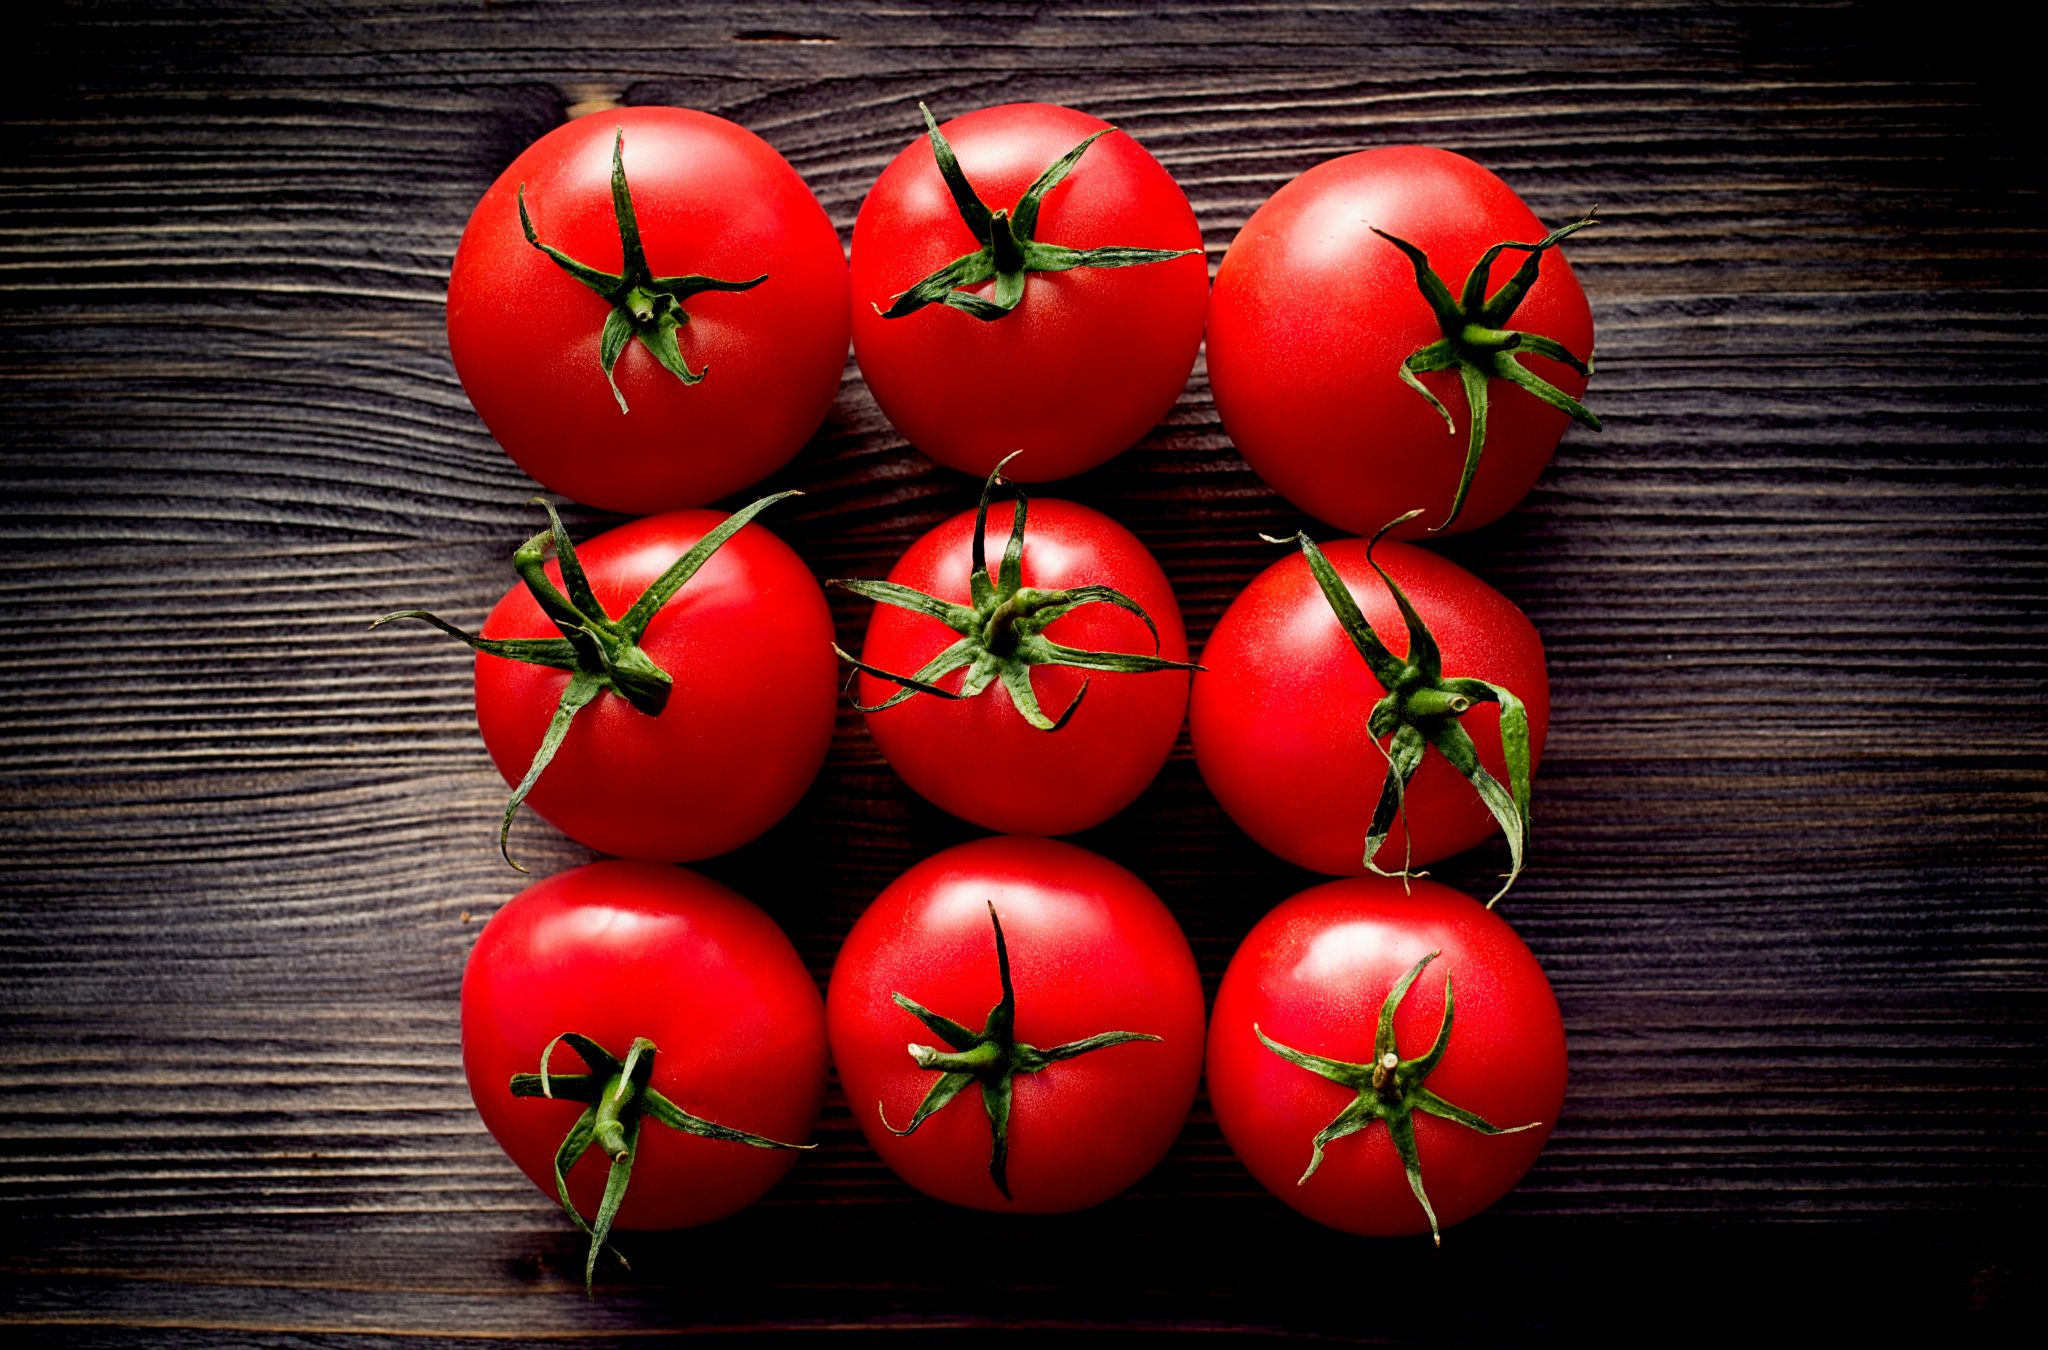 リコピンたっぷりのミニトマト